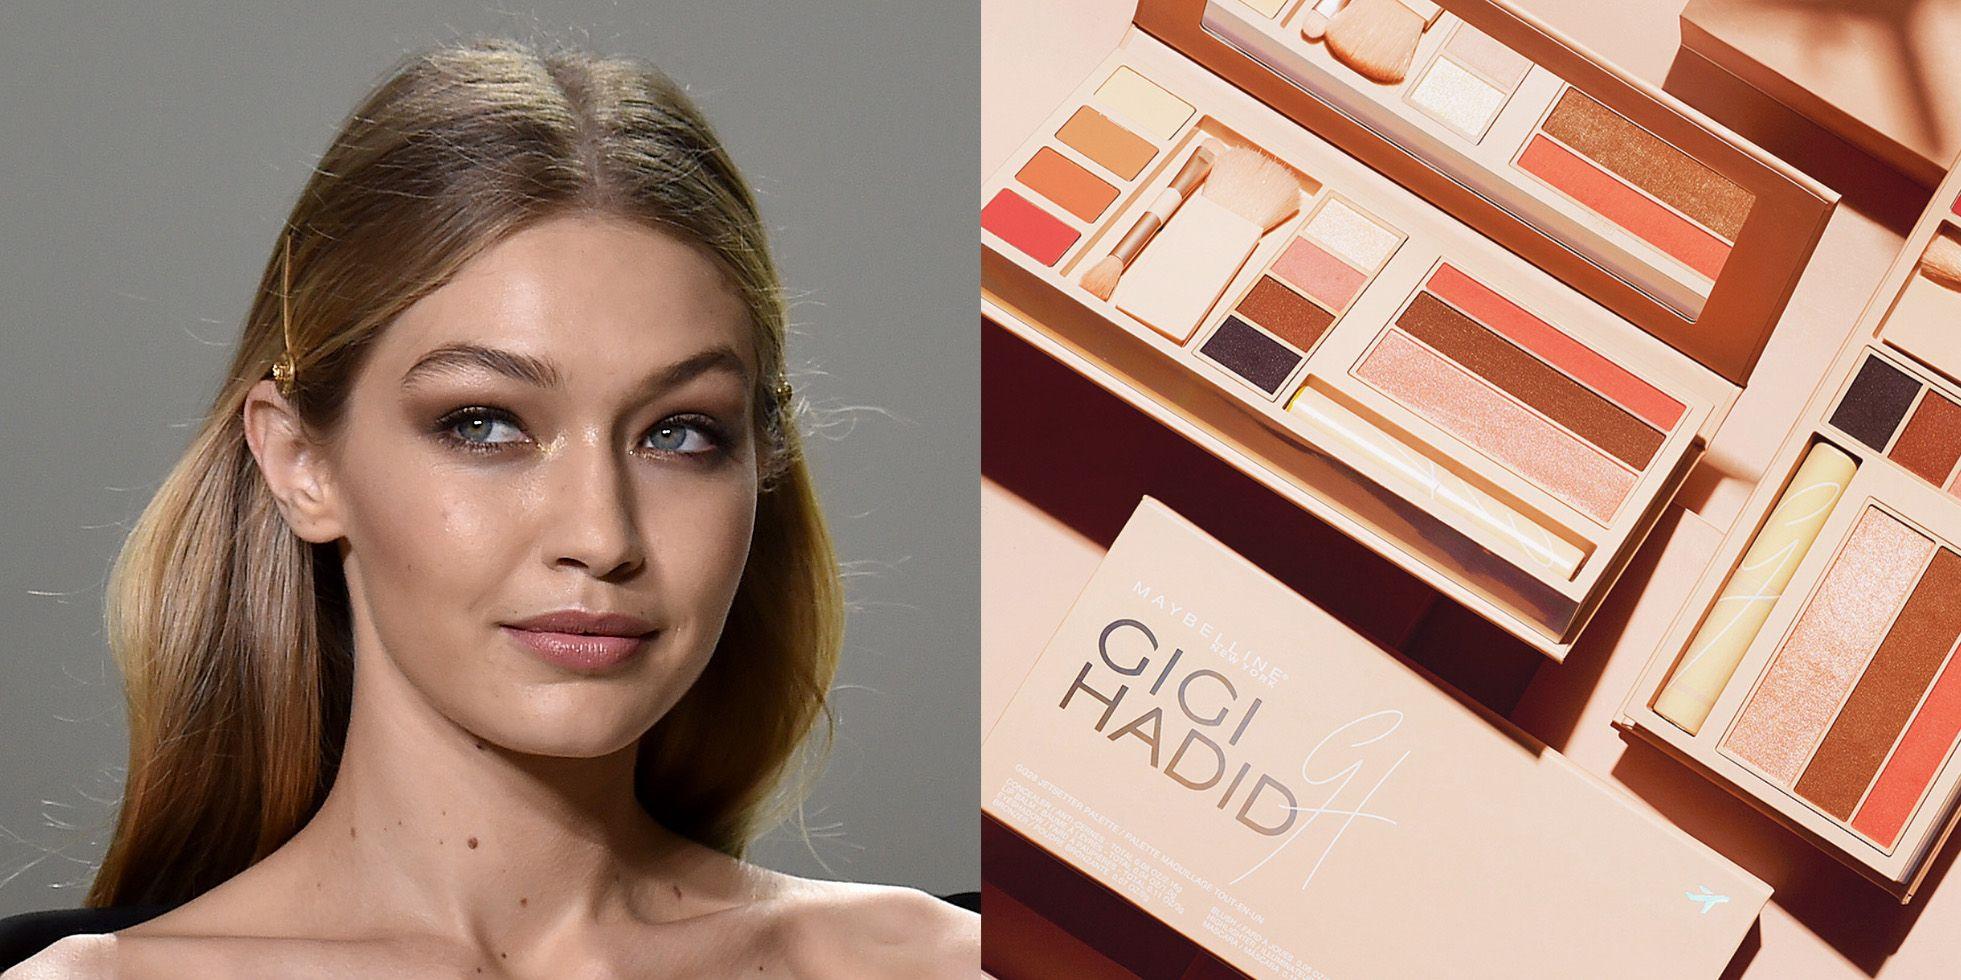 Gigi Hadid Maybelline Palette